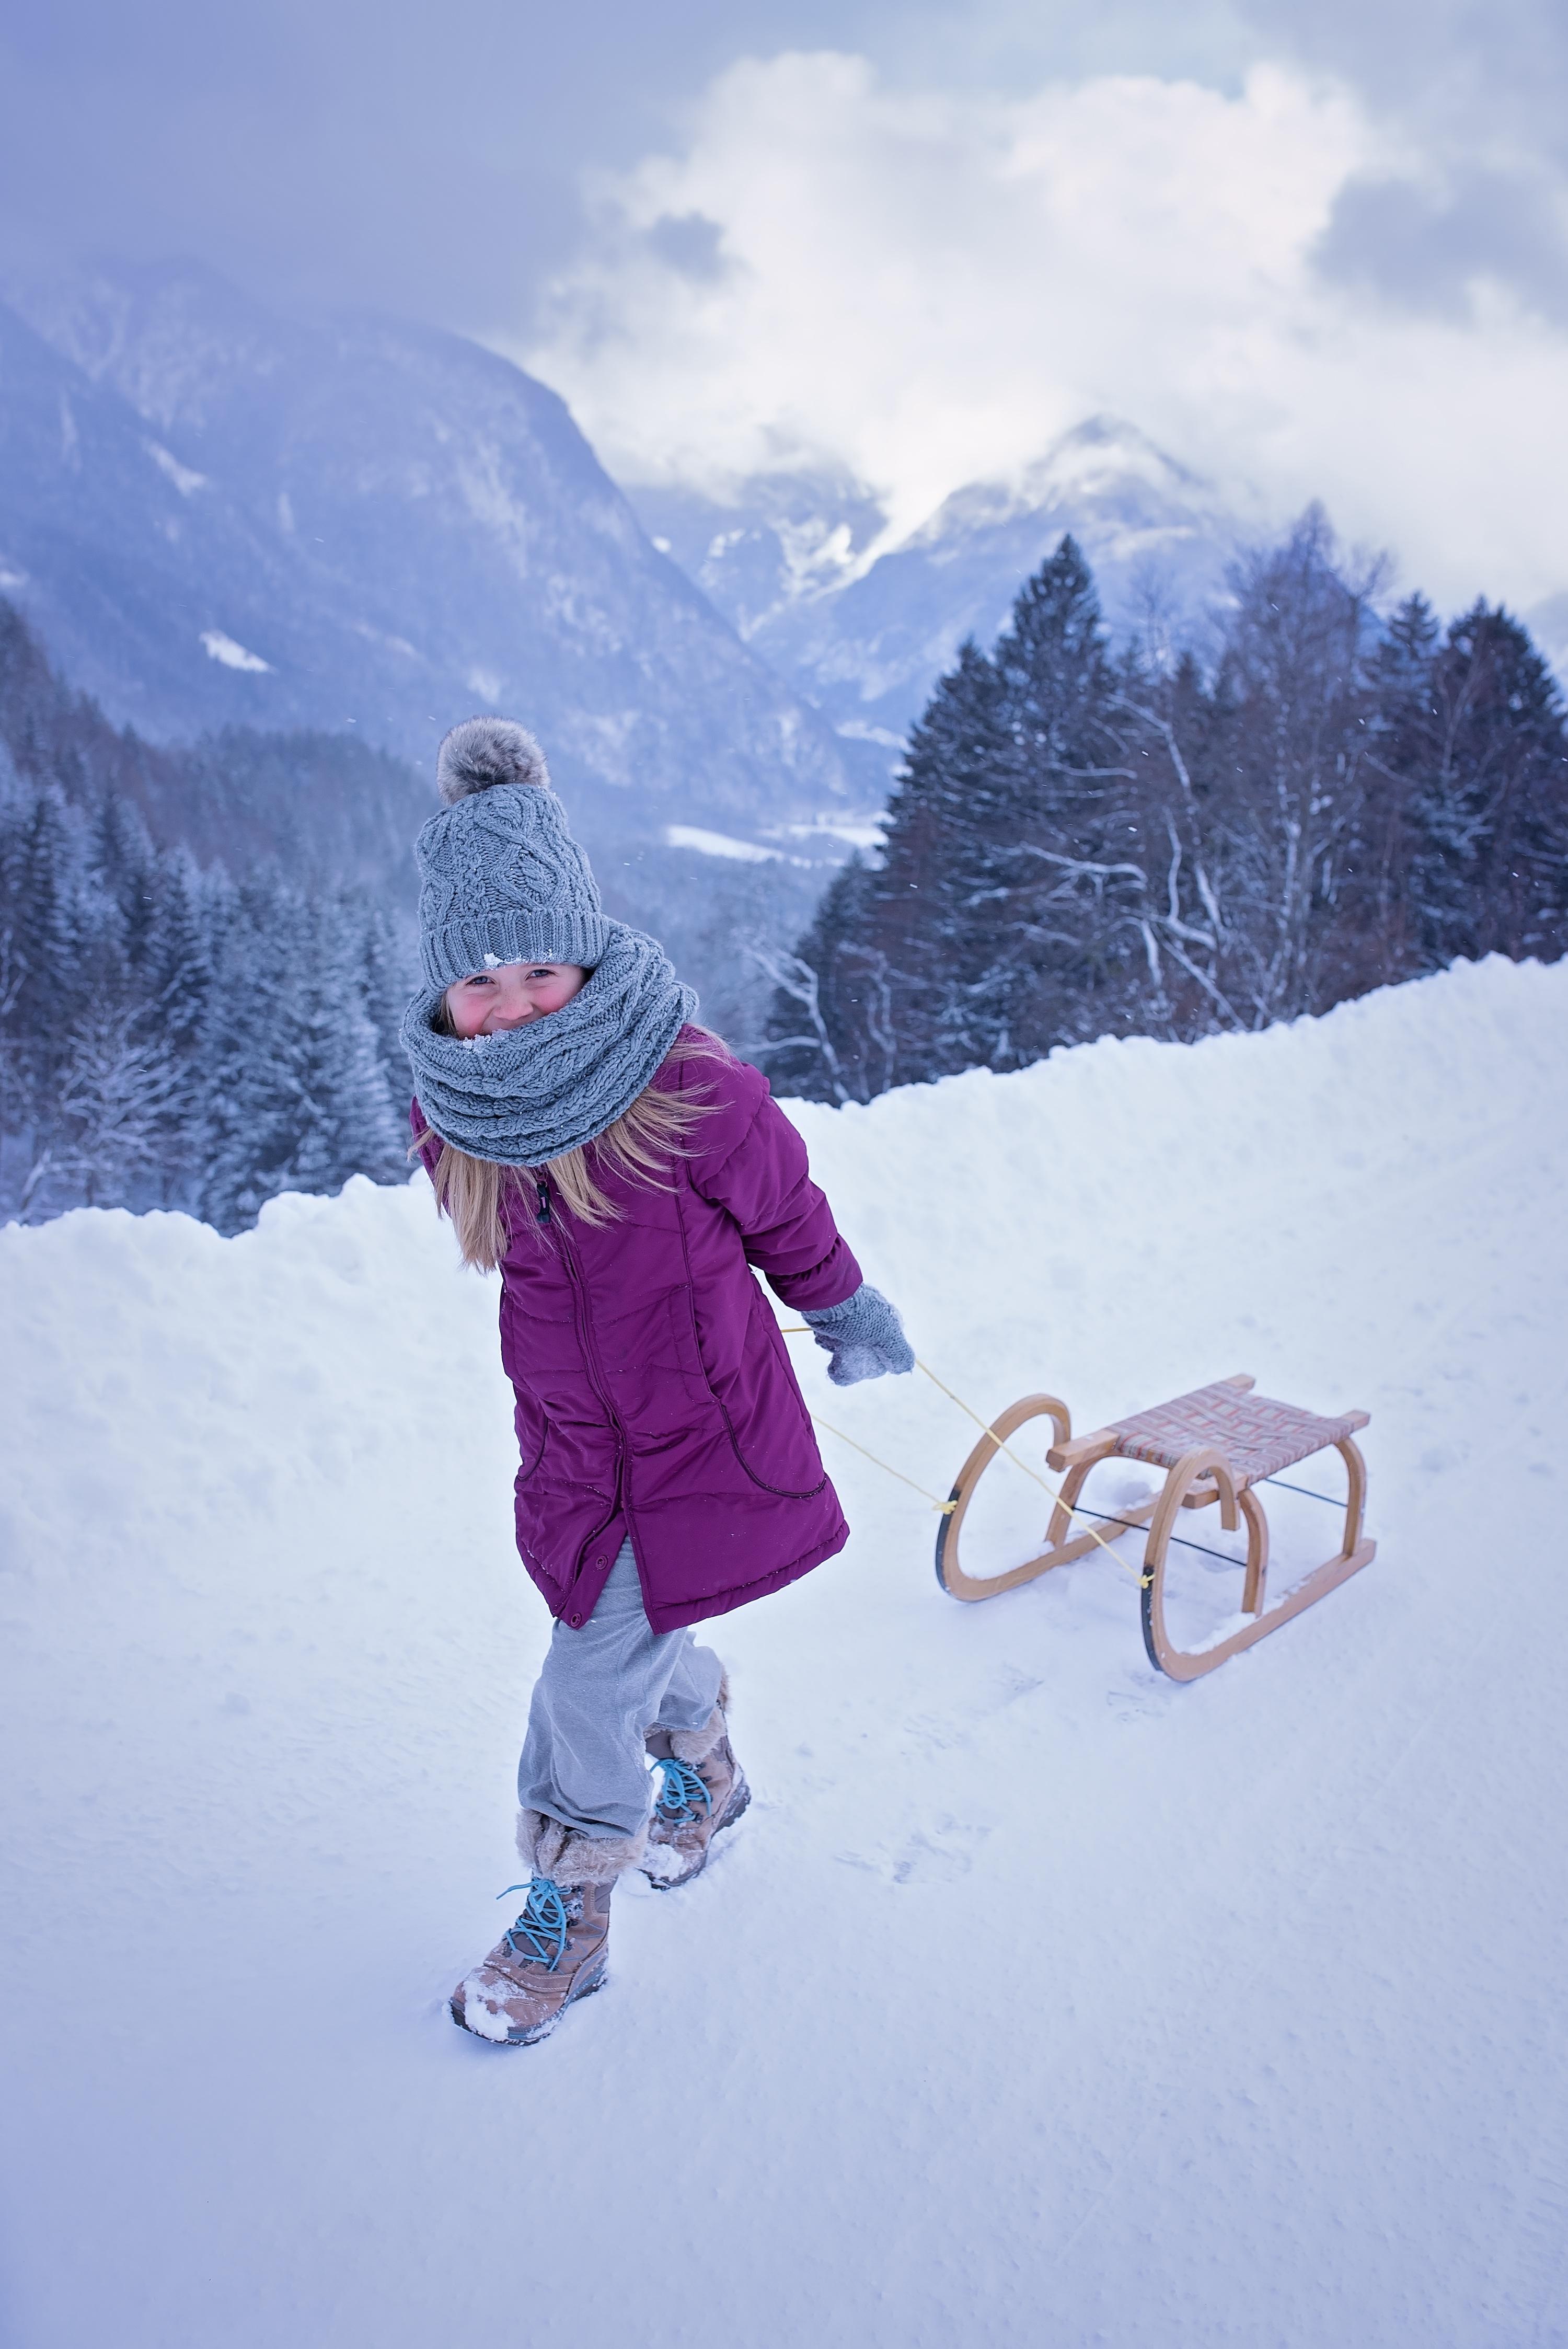 images gratuites la personne montagne neige du froid hiver fille cha ne de montagnes. Black Bedroom Furniture Sets. Home Design Ideas